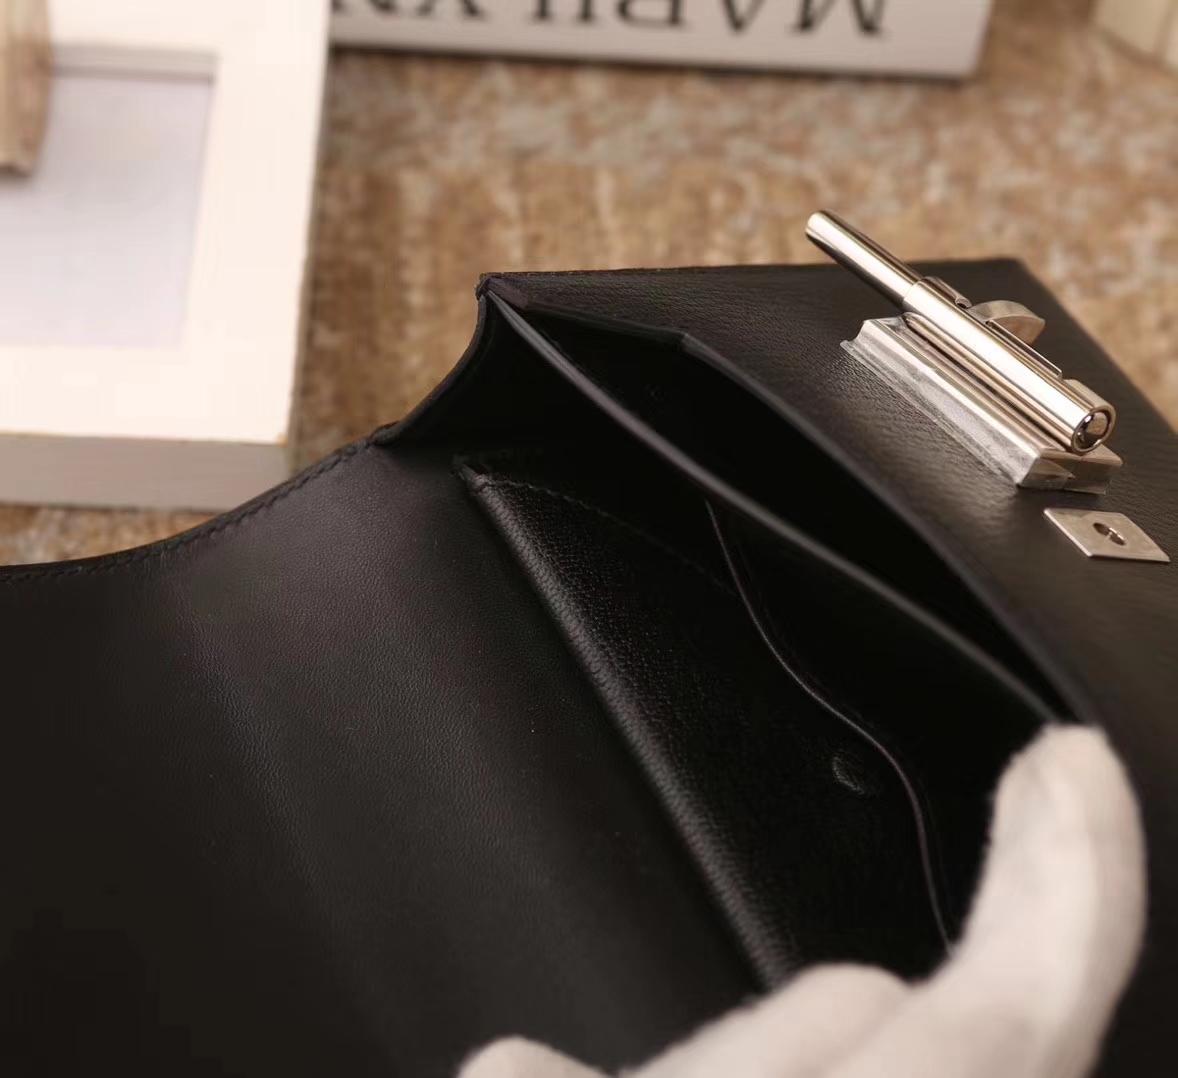 Hermes爱马仕 Verrou 机枪包 插销包 黑色 原厂御用顶级山羊皮 现货